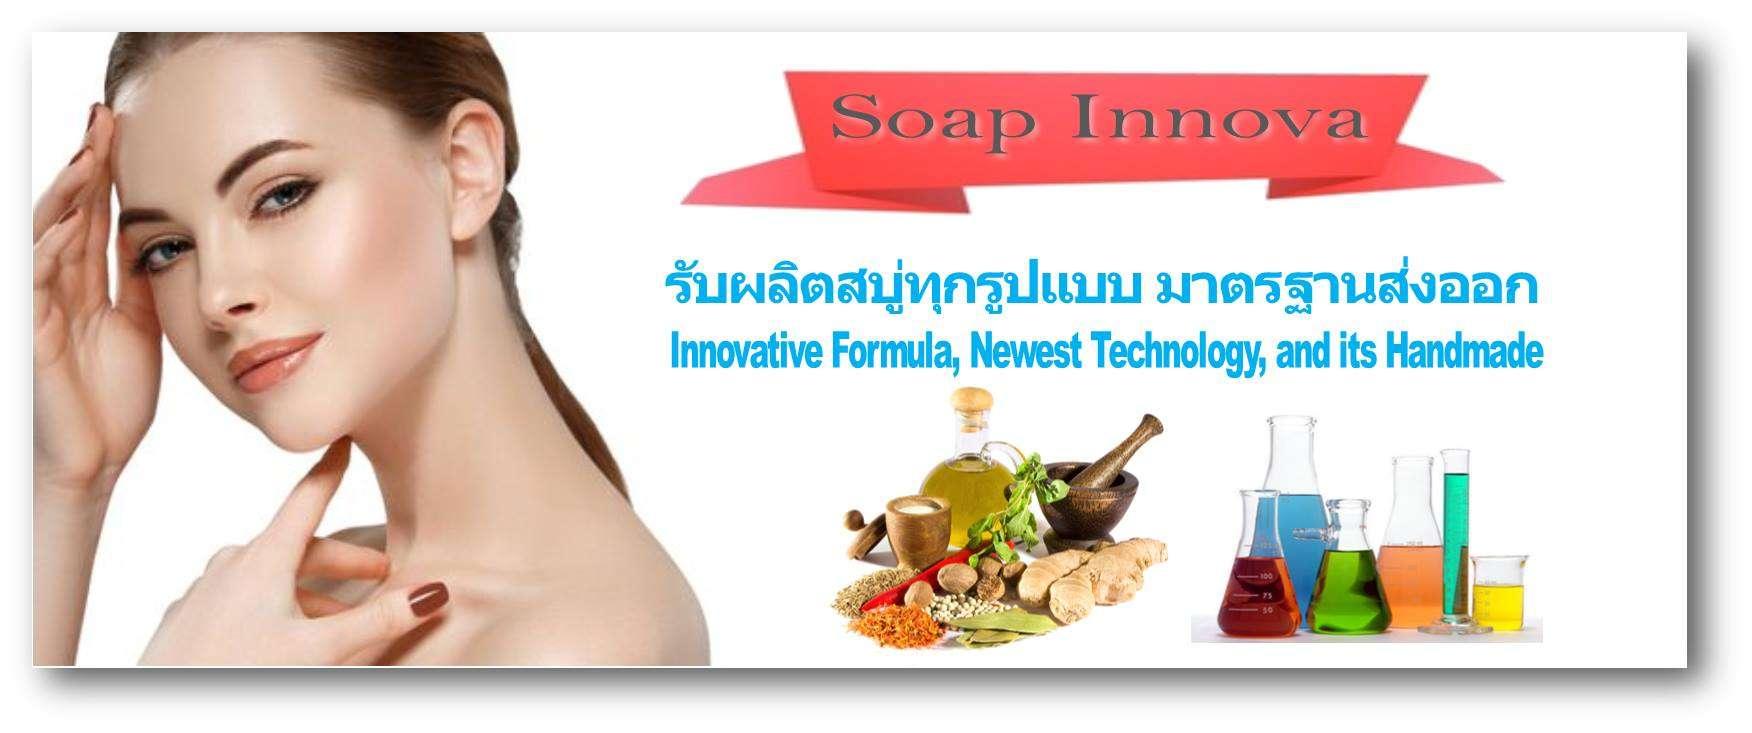 โรงงานรับผลิตสบู่Soap Innova